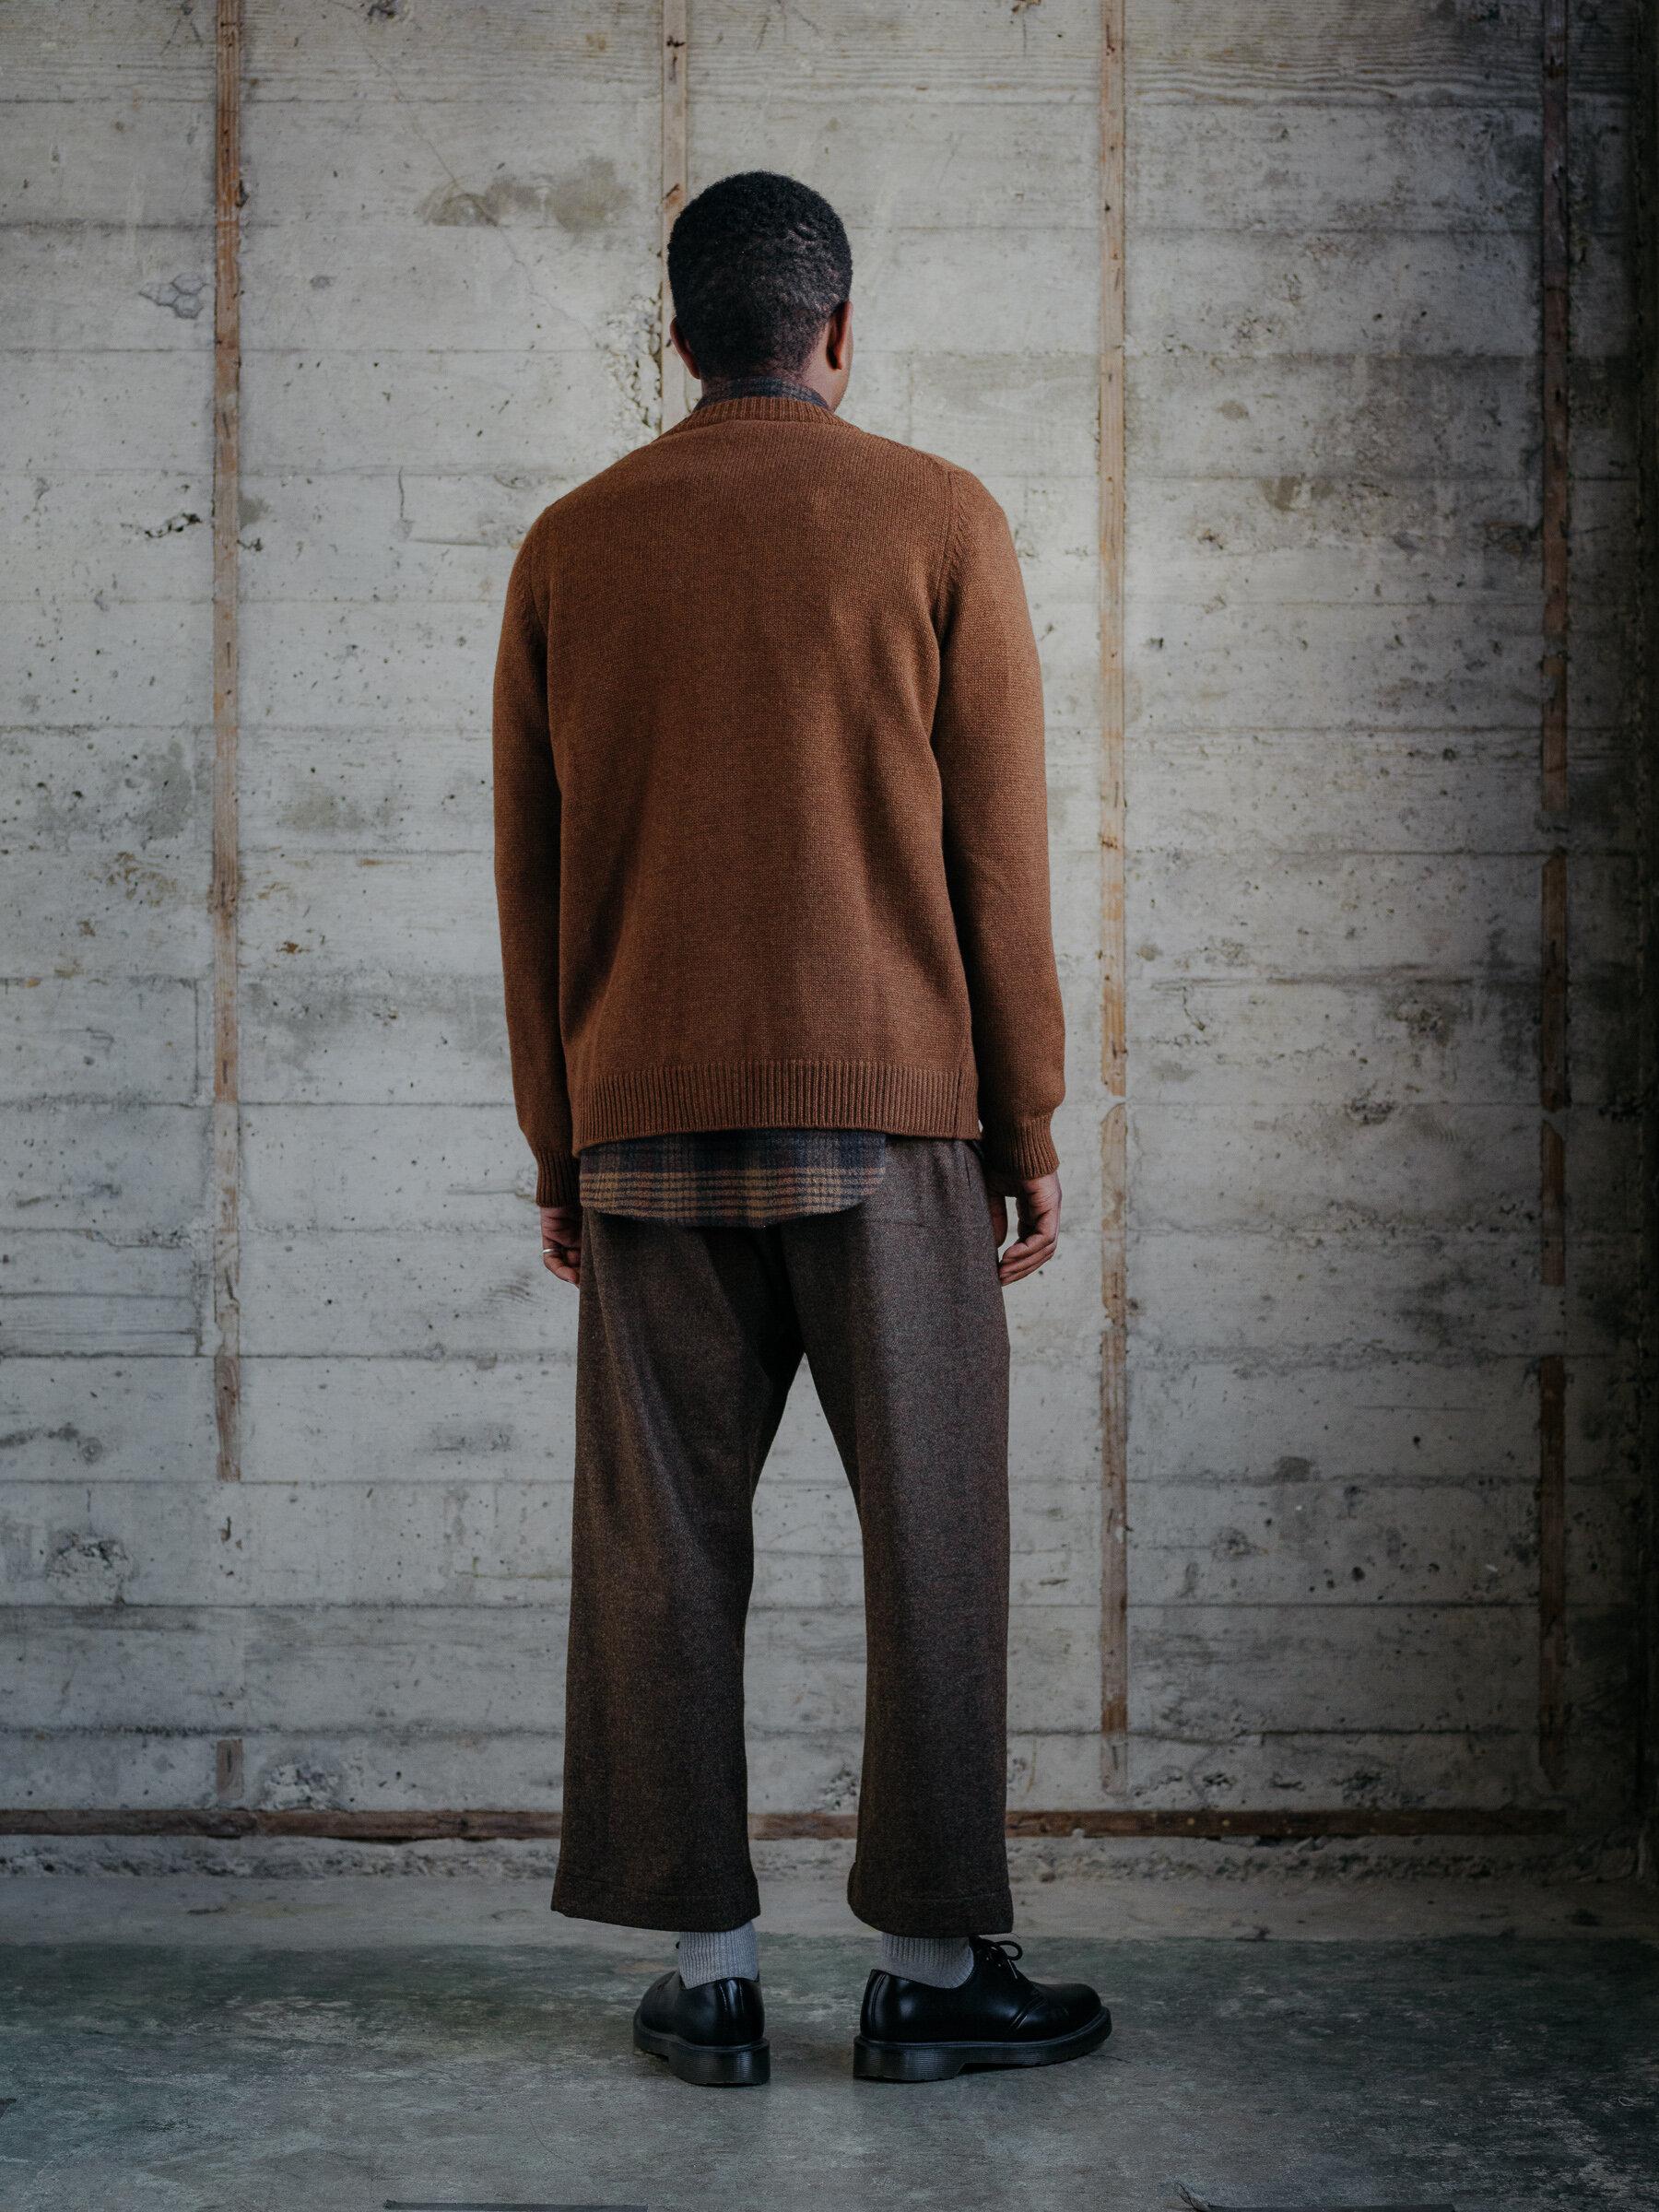 evan-kinori-crewneck-cardigan-sweater-cashmere-lambswool-made-in-italy-3